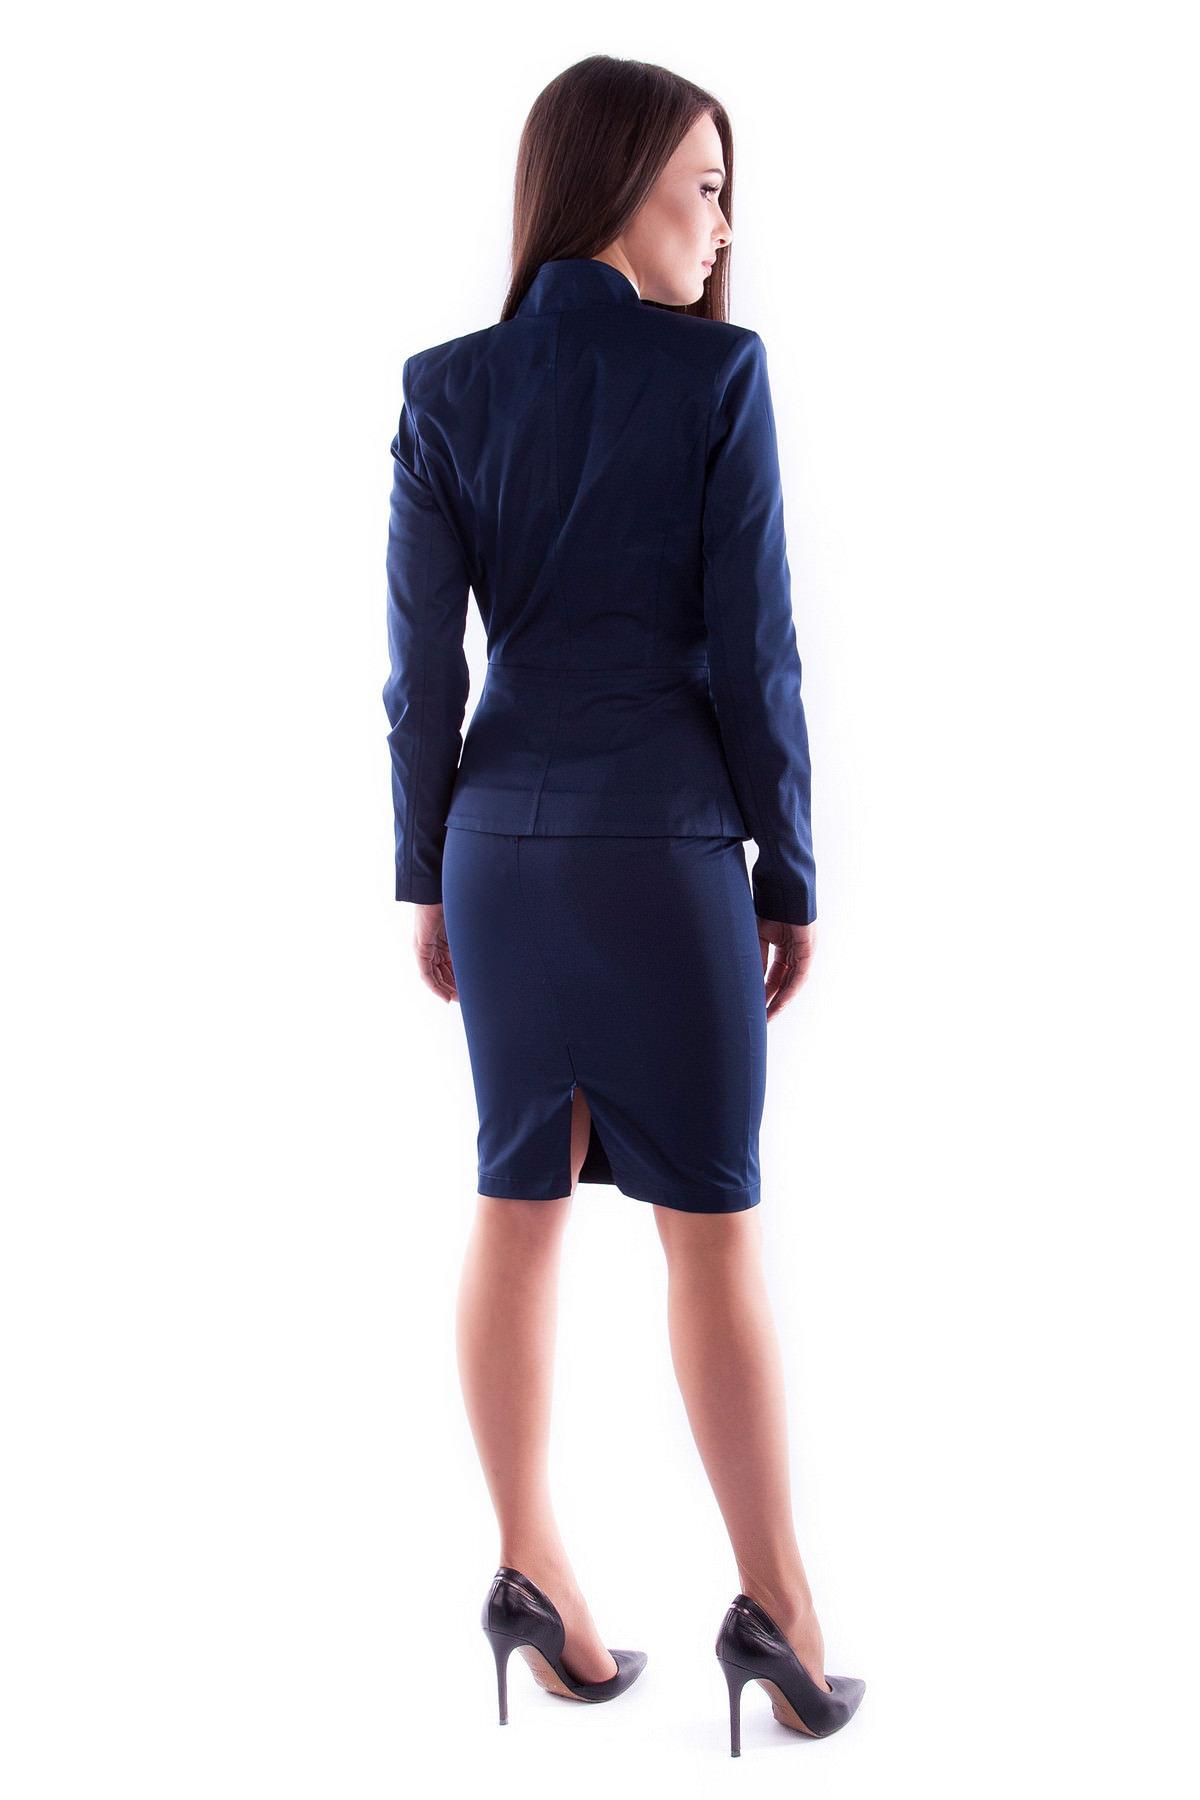 Блузки Нарядные Для Женщин Доставка